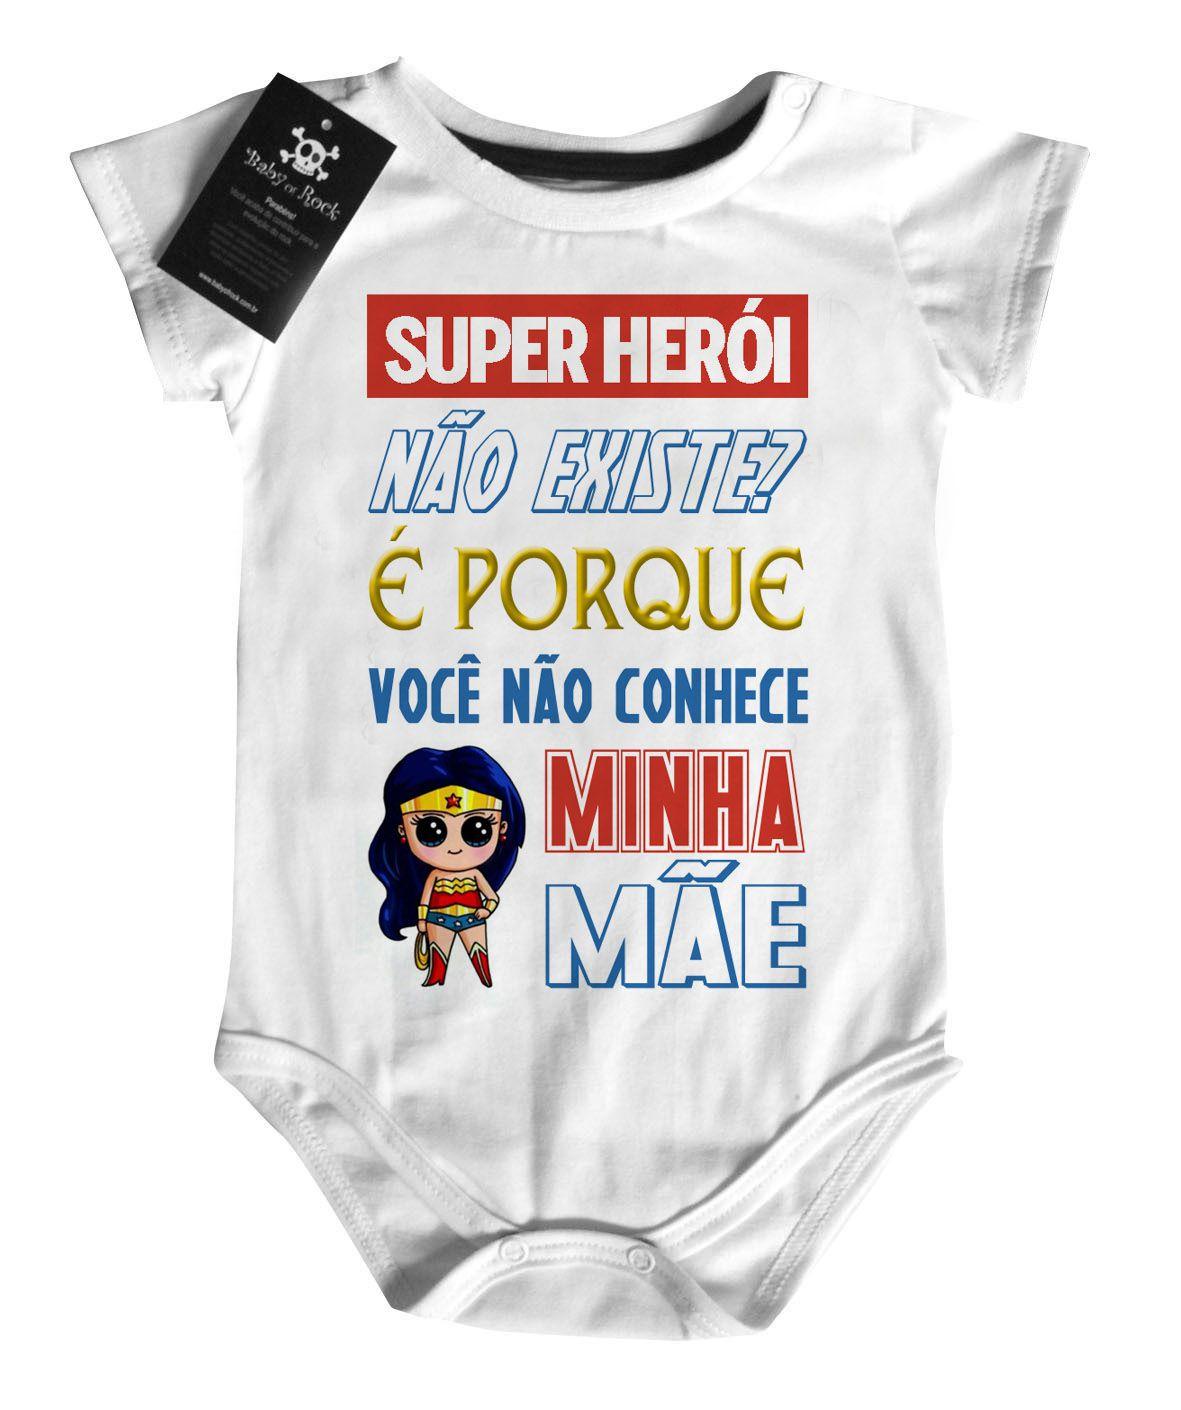 Body Baby Rock - Herói não existe? Mamãe - White  - Baby Monster S/A